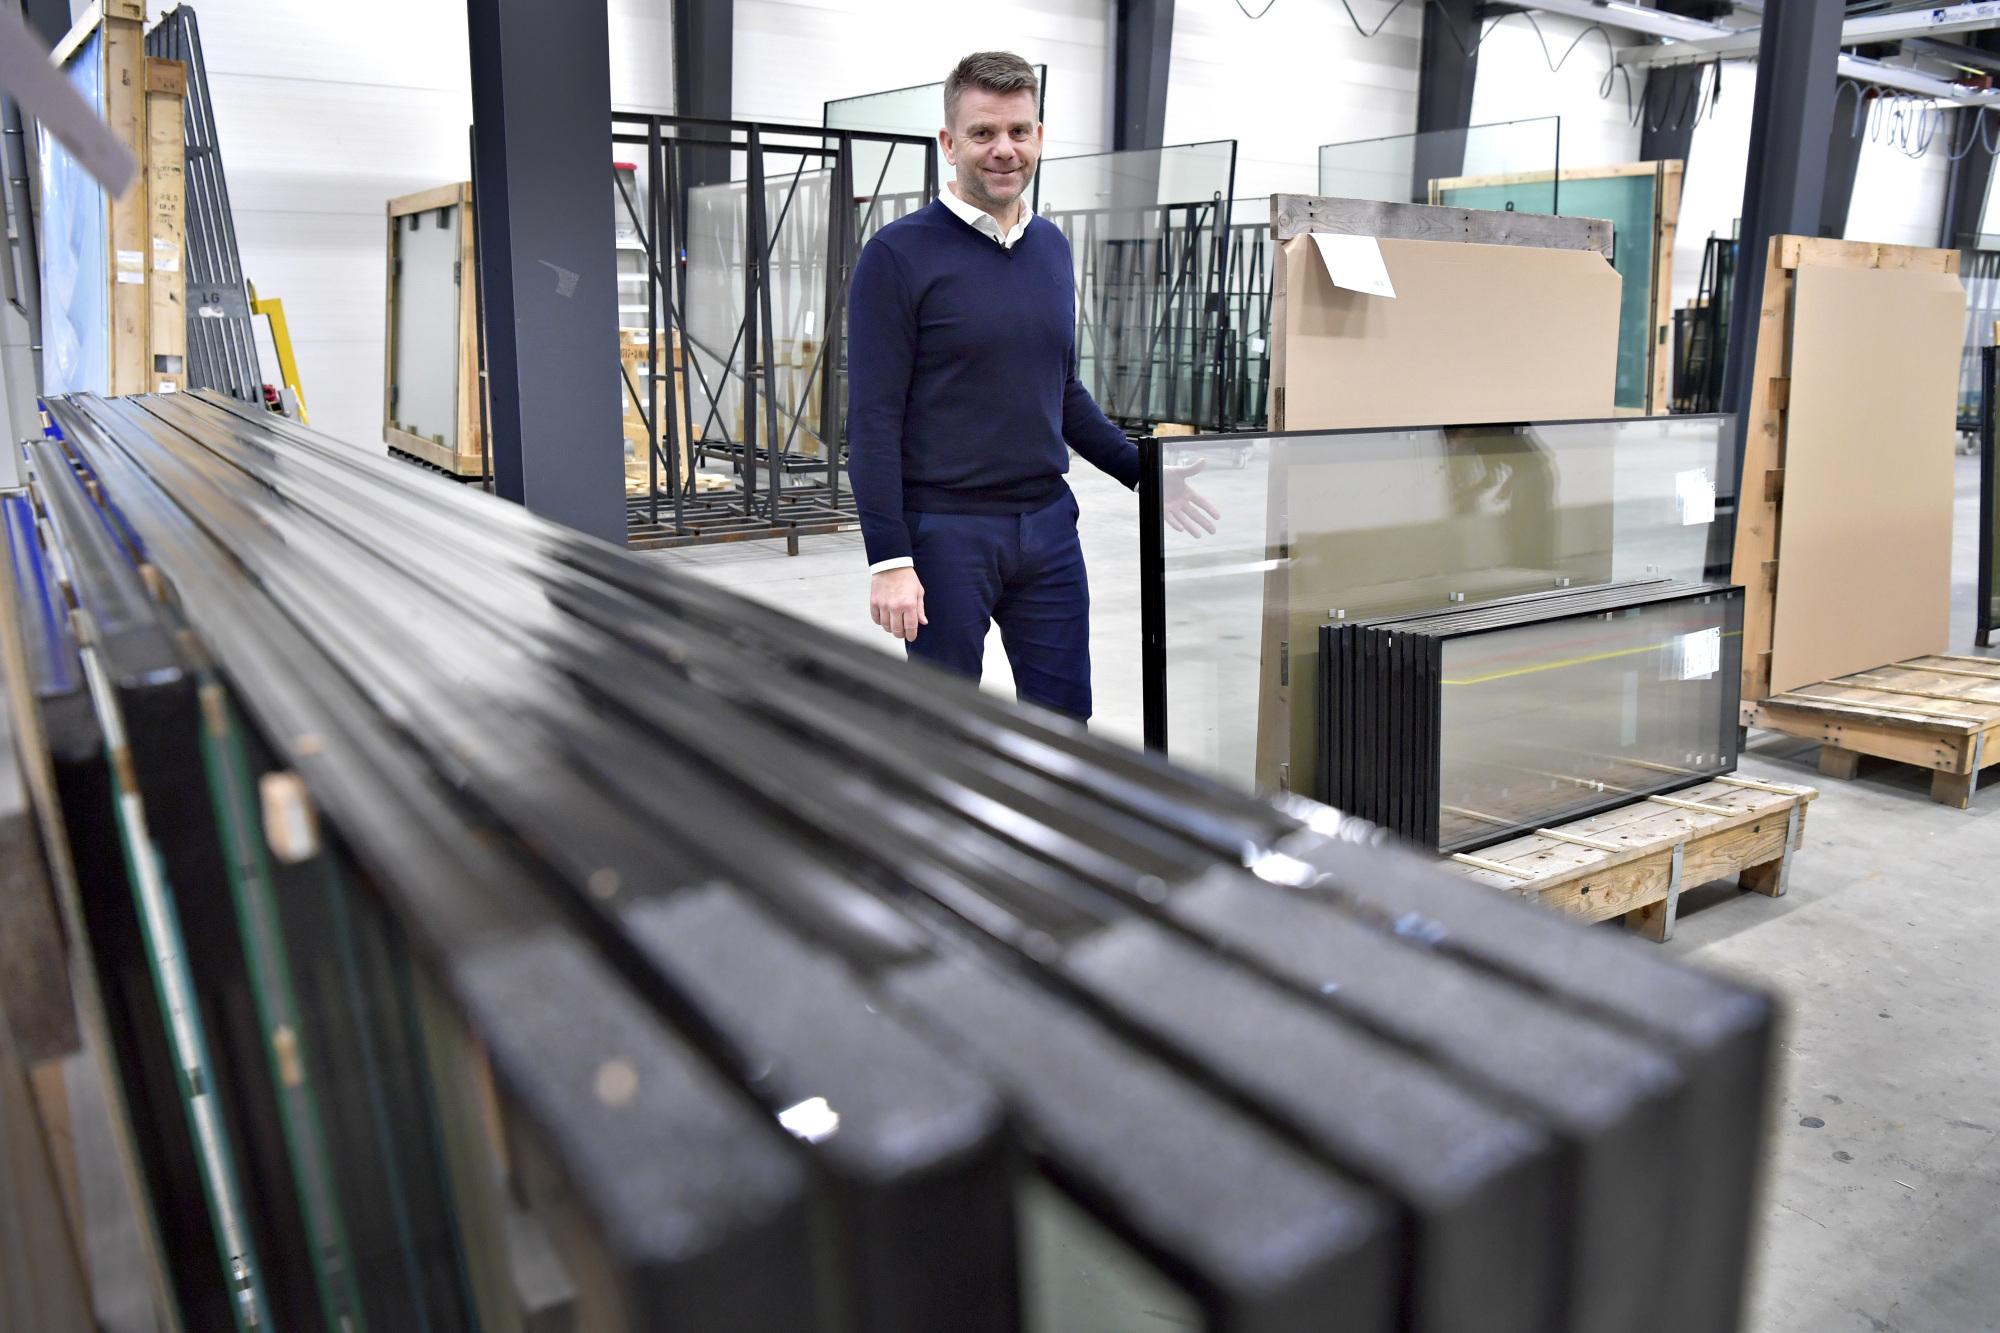 Succesfuld glasvirksomhed sprænger alle rammer: Nye bygninger skal have store glasflader